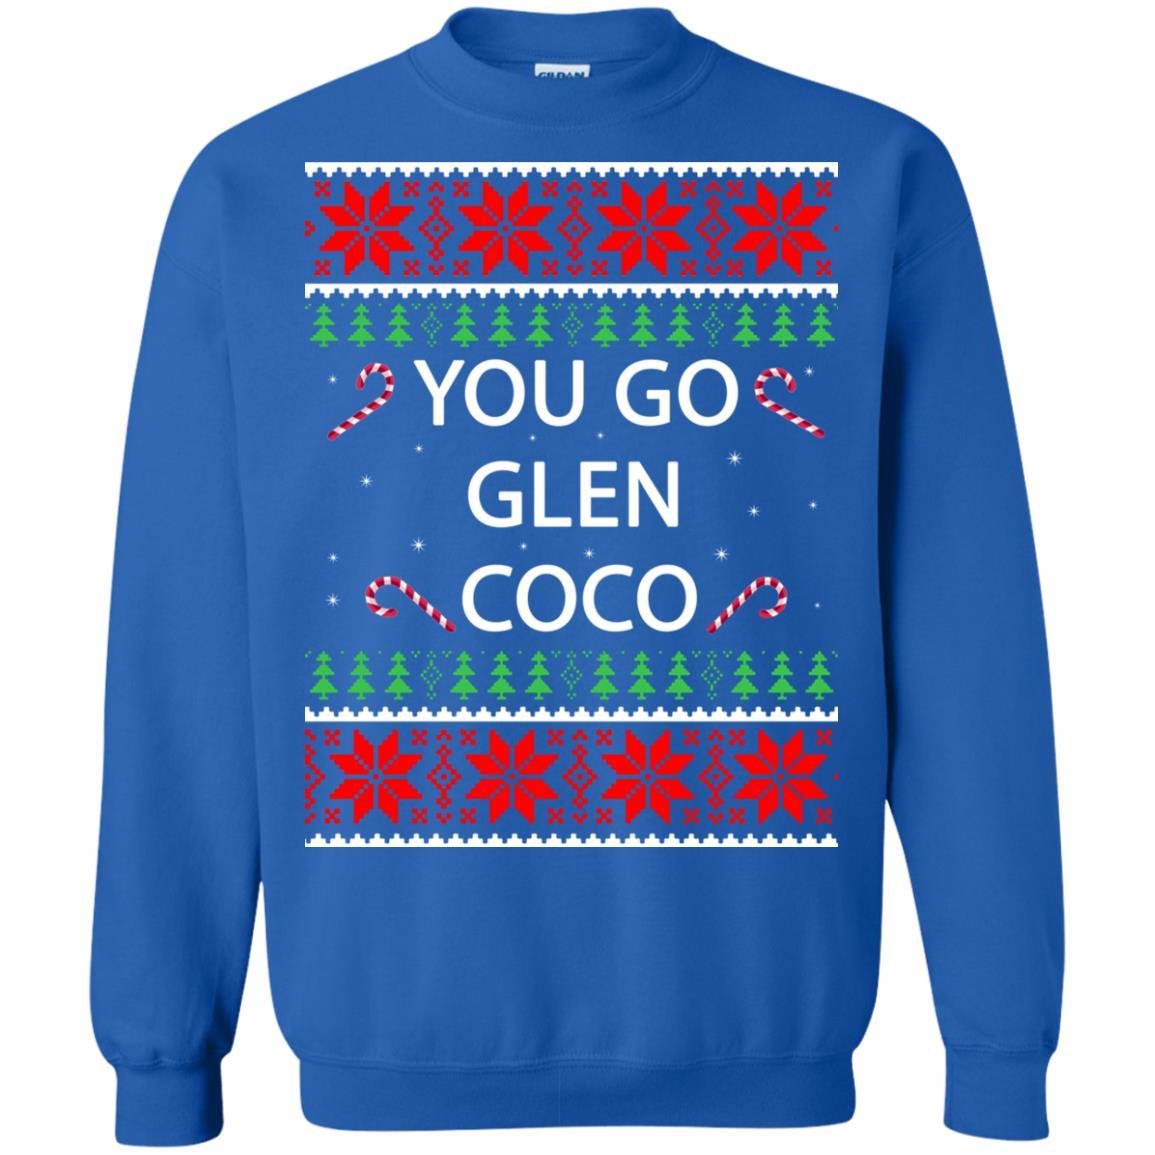 image 3157 - You Go Glen Coco Sweatshirts, Hoodie, Tank